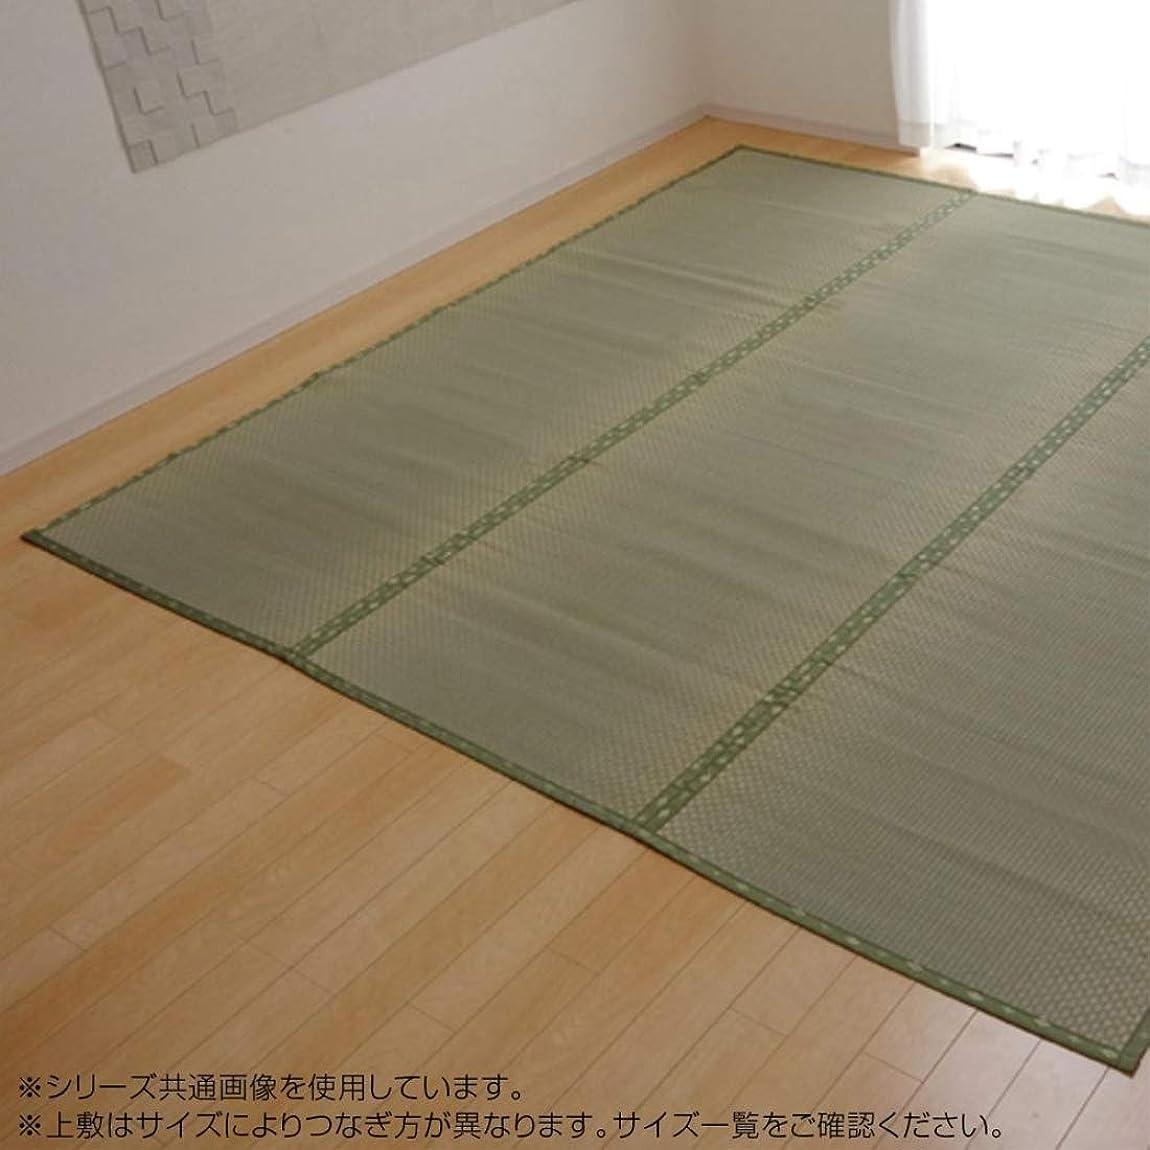 モック回路チャーミングじゅうたん 角型 関連 純国産 い草 上敷き カーペット 市松織 フリーカット 江戸間6畳(約261×352cm)